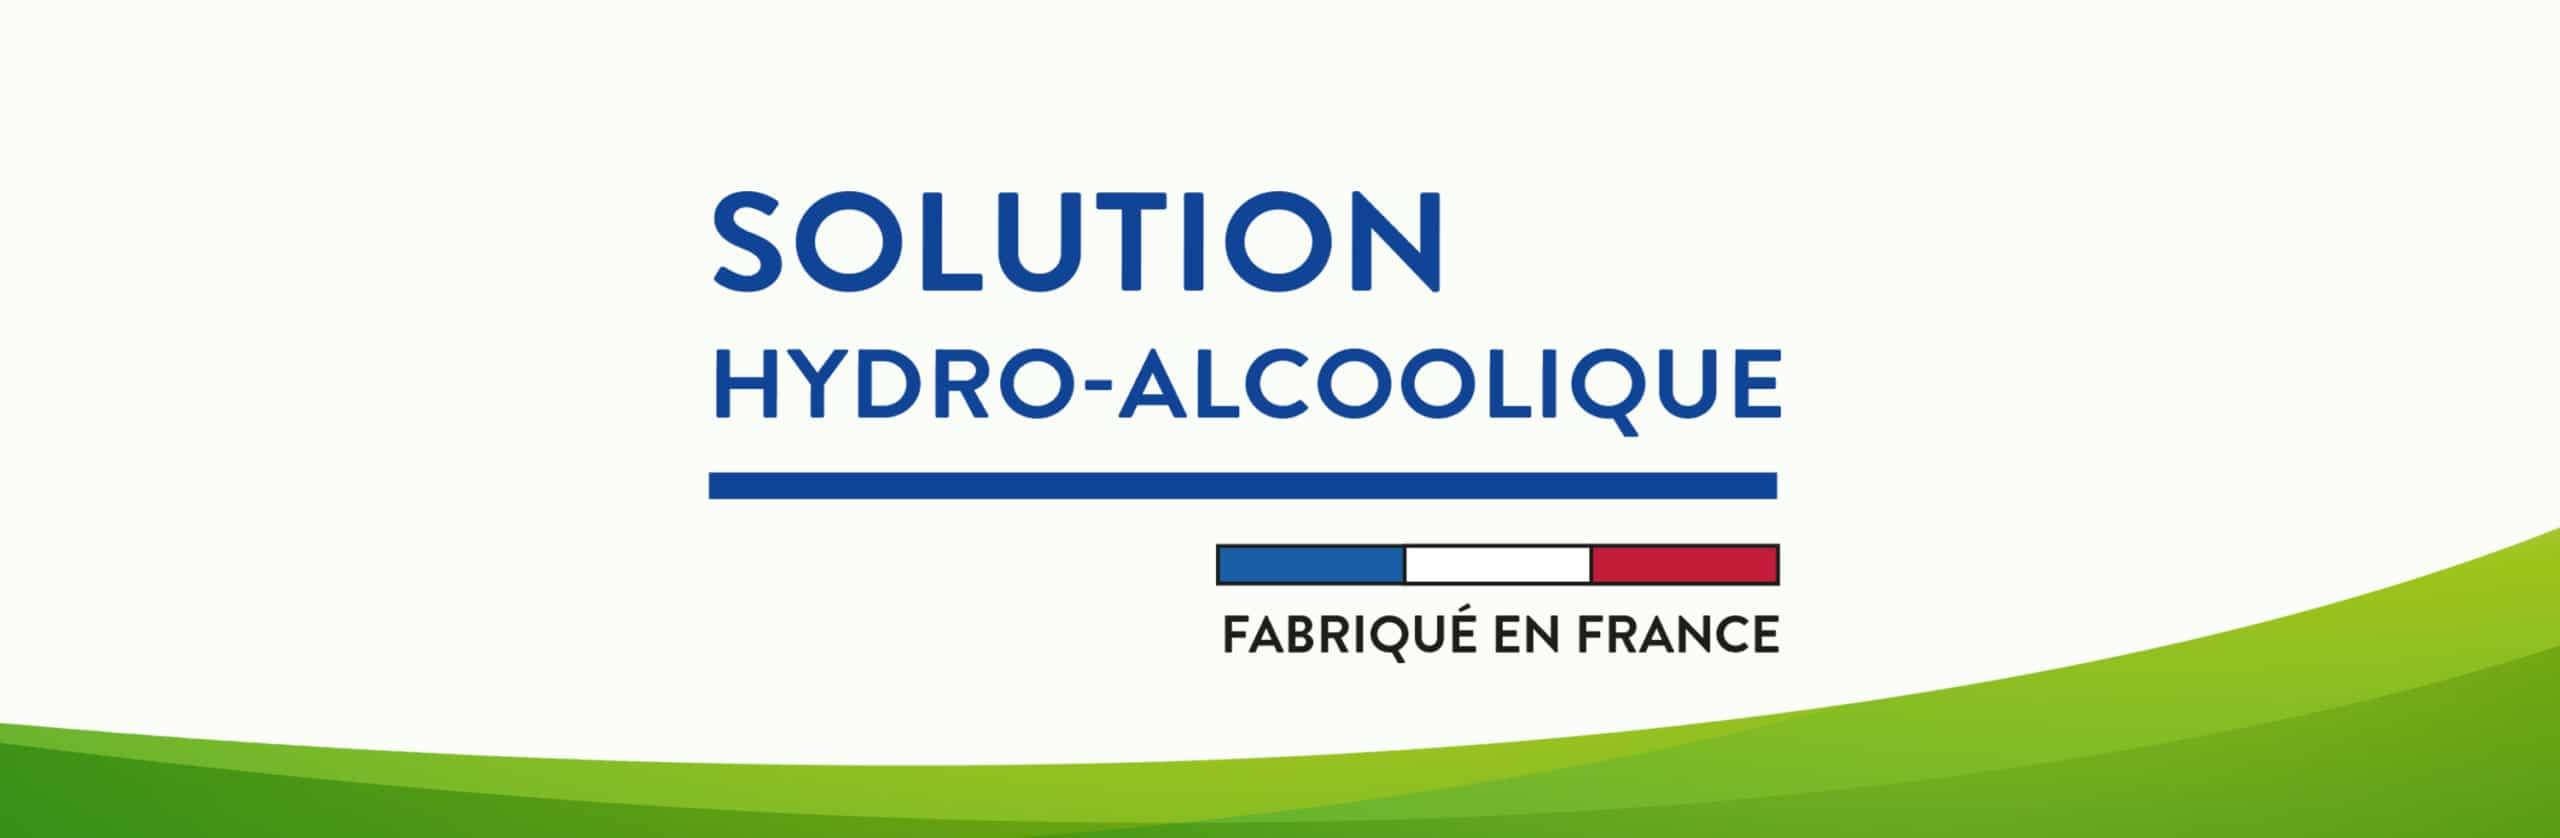 Covid-19 : nous distribuons de la solution hydroalcoolique !